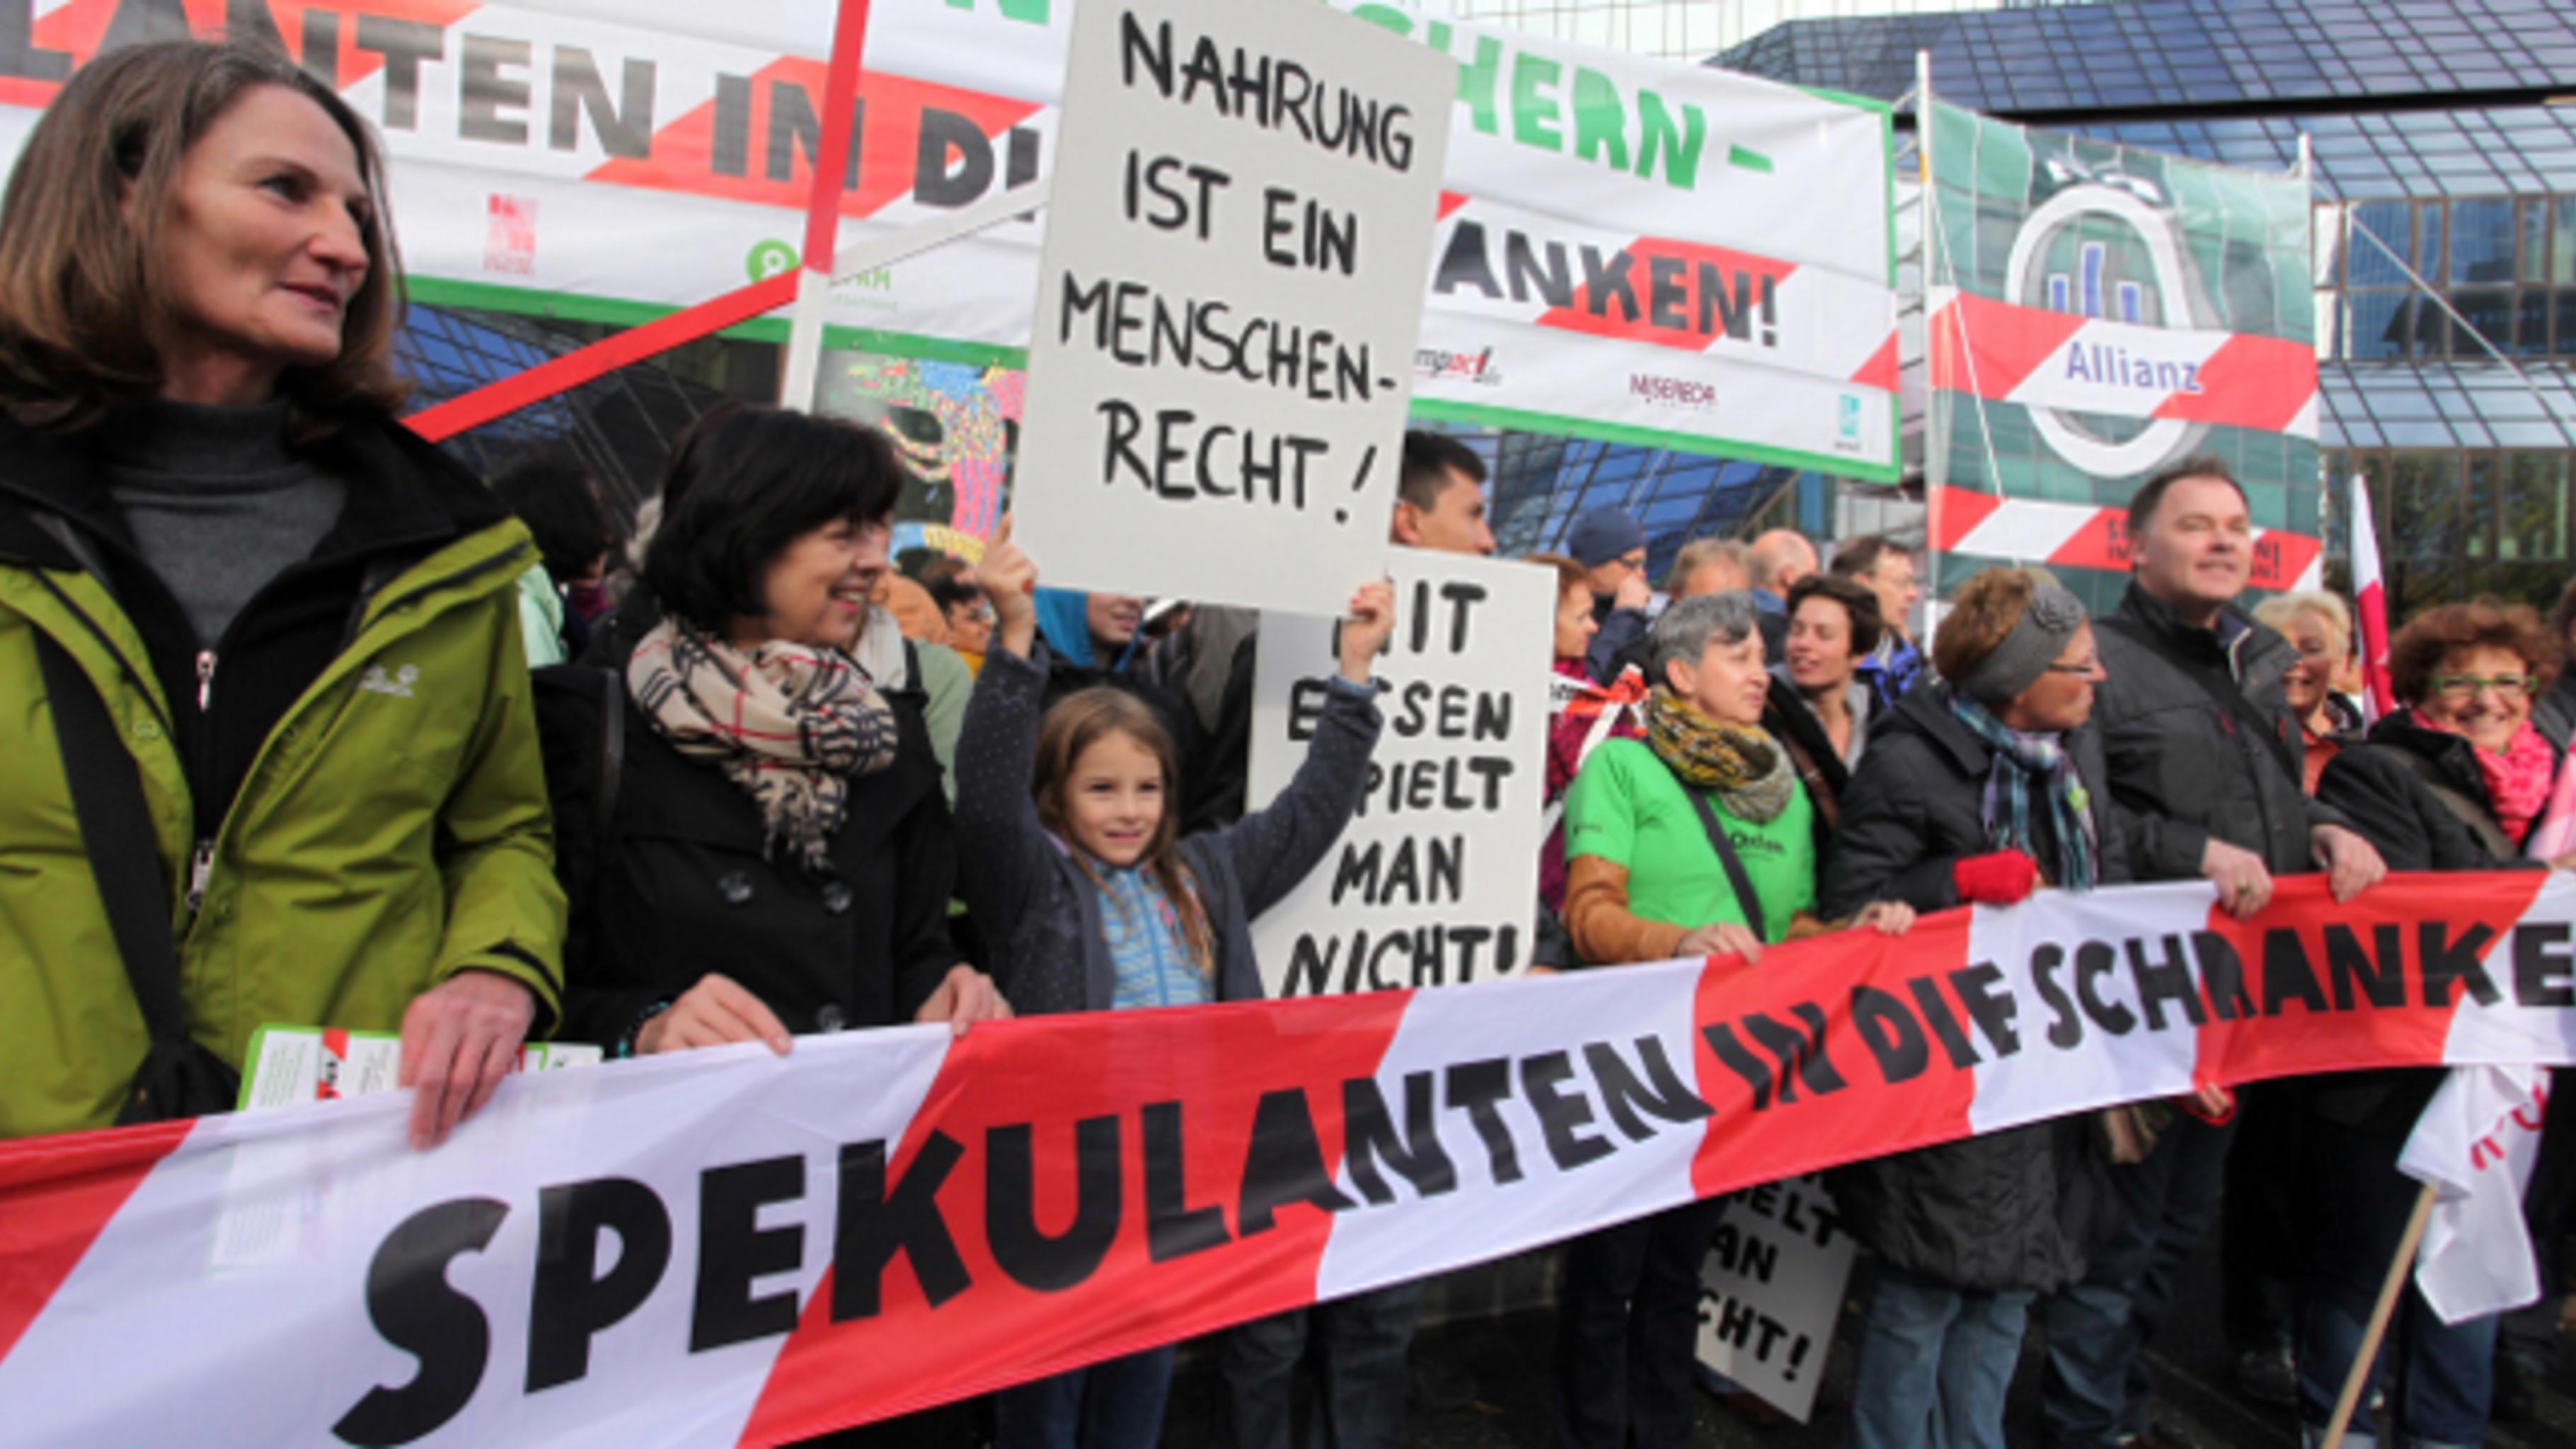 """Demonstranten halten ein Absperrband mit """"Spekulanten in die Schranken"""""""